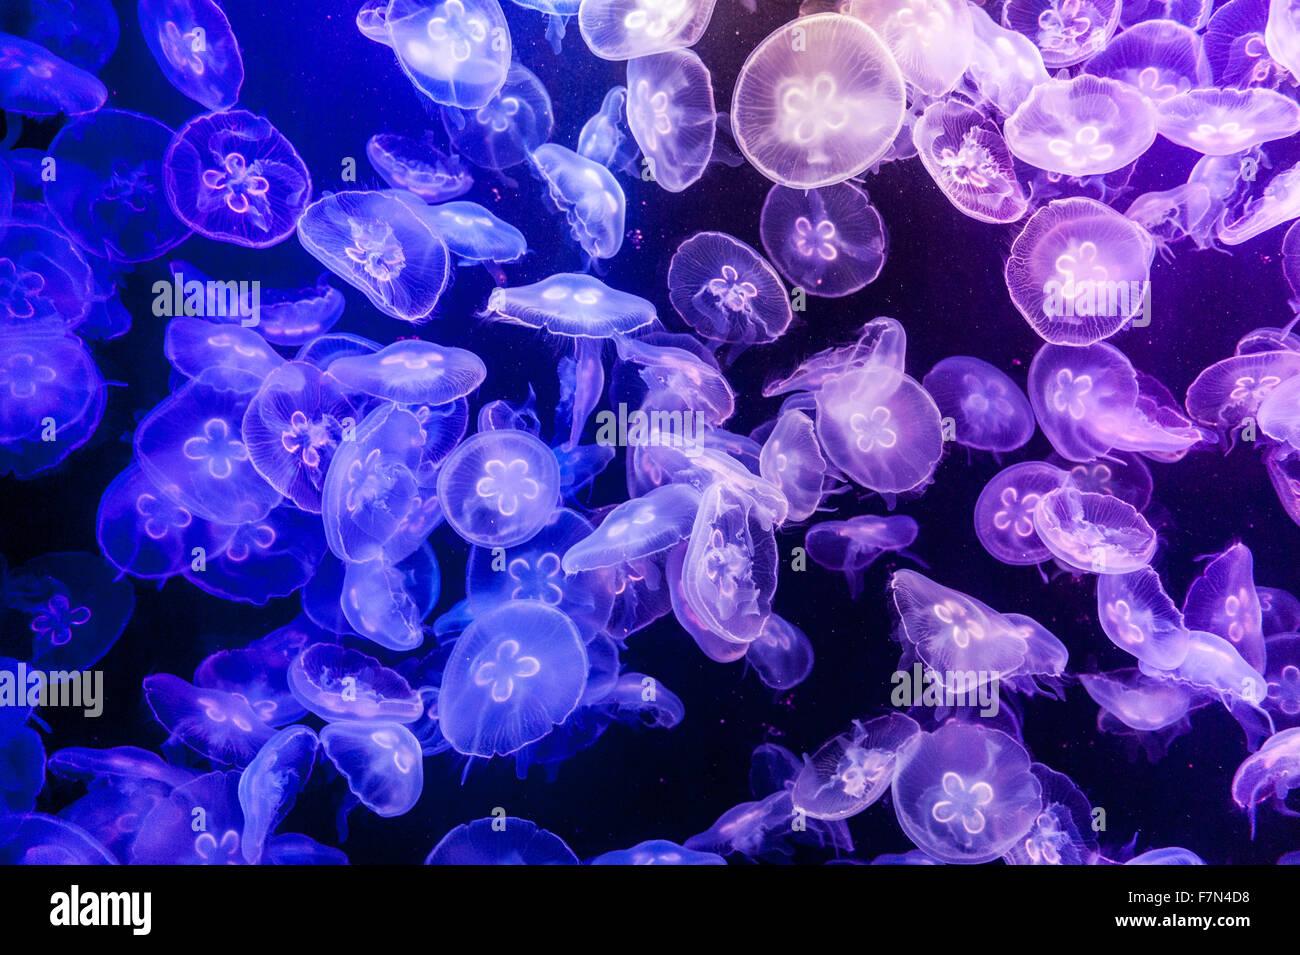 L'école de méduses dans un aquarium avec lumière bleue Photo Stock